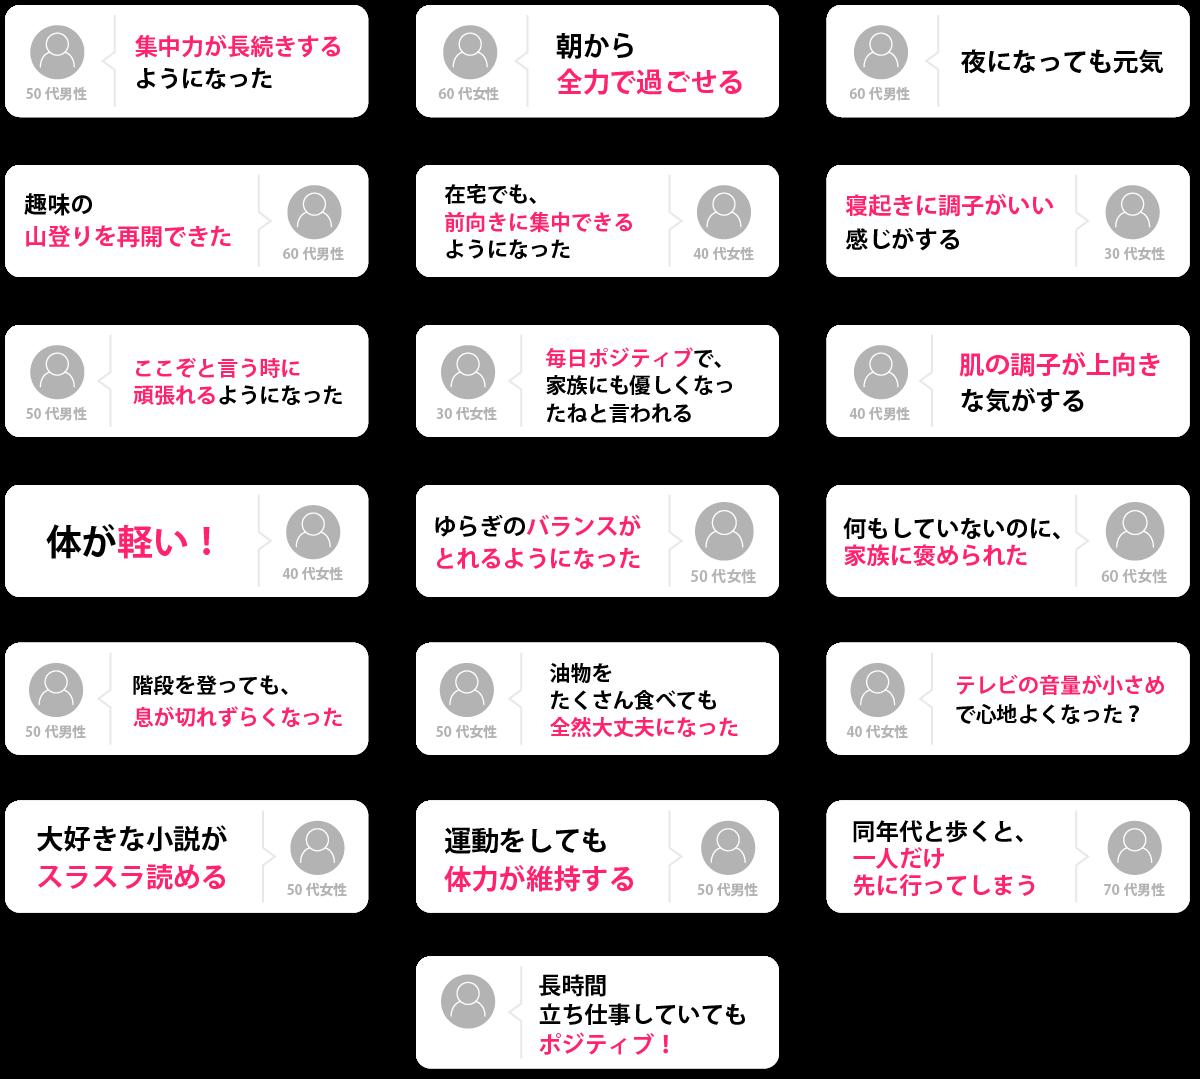 ユーザーボイス詳細